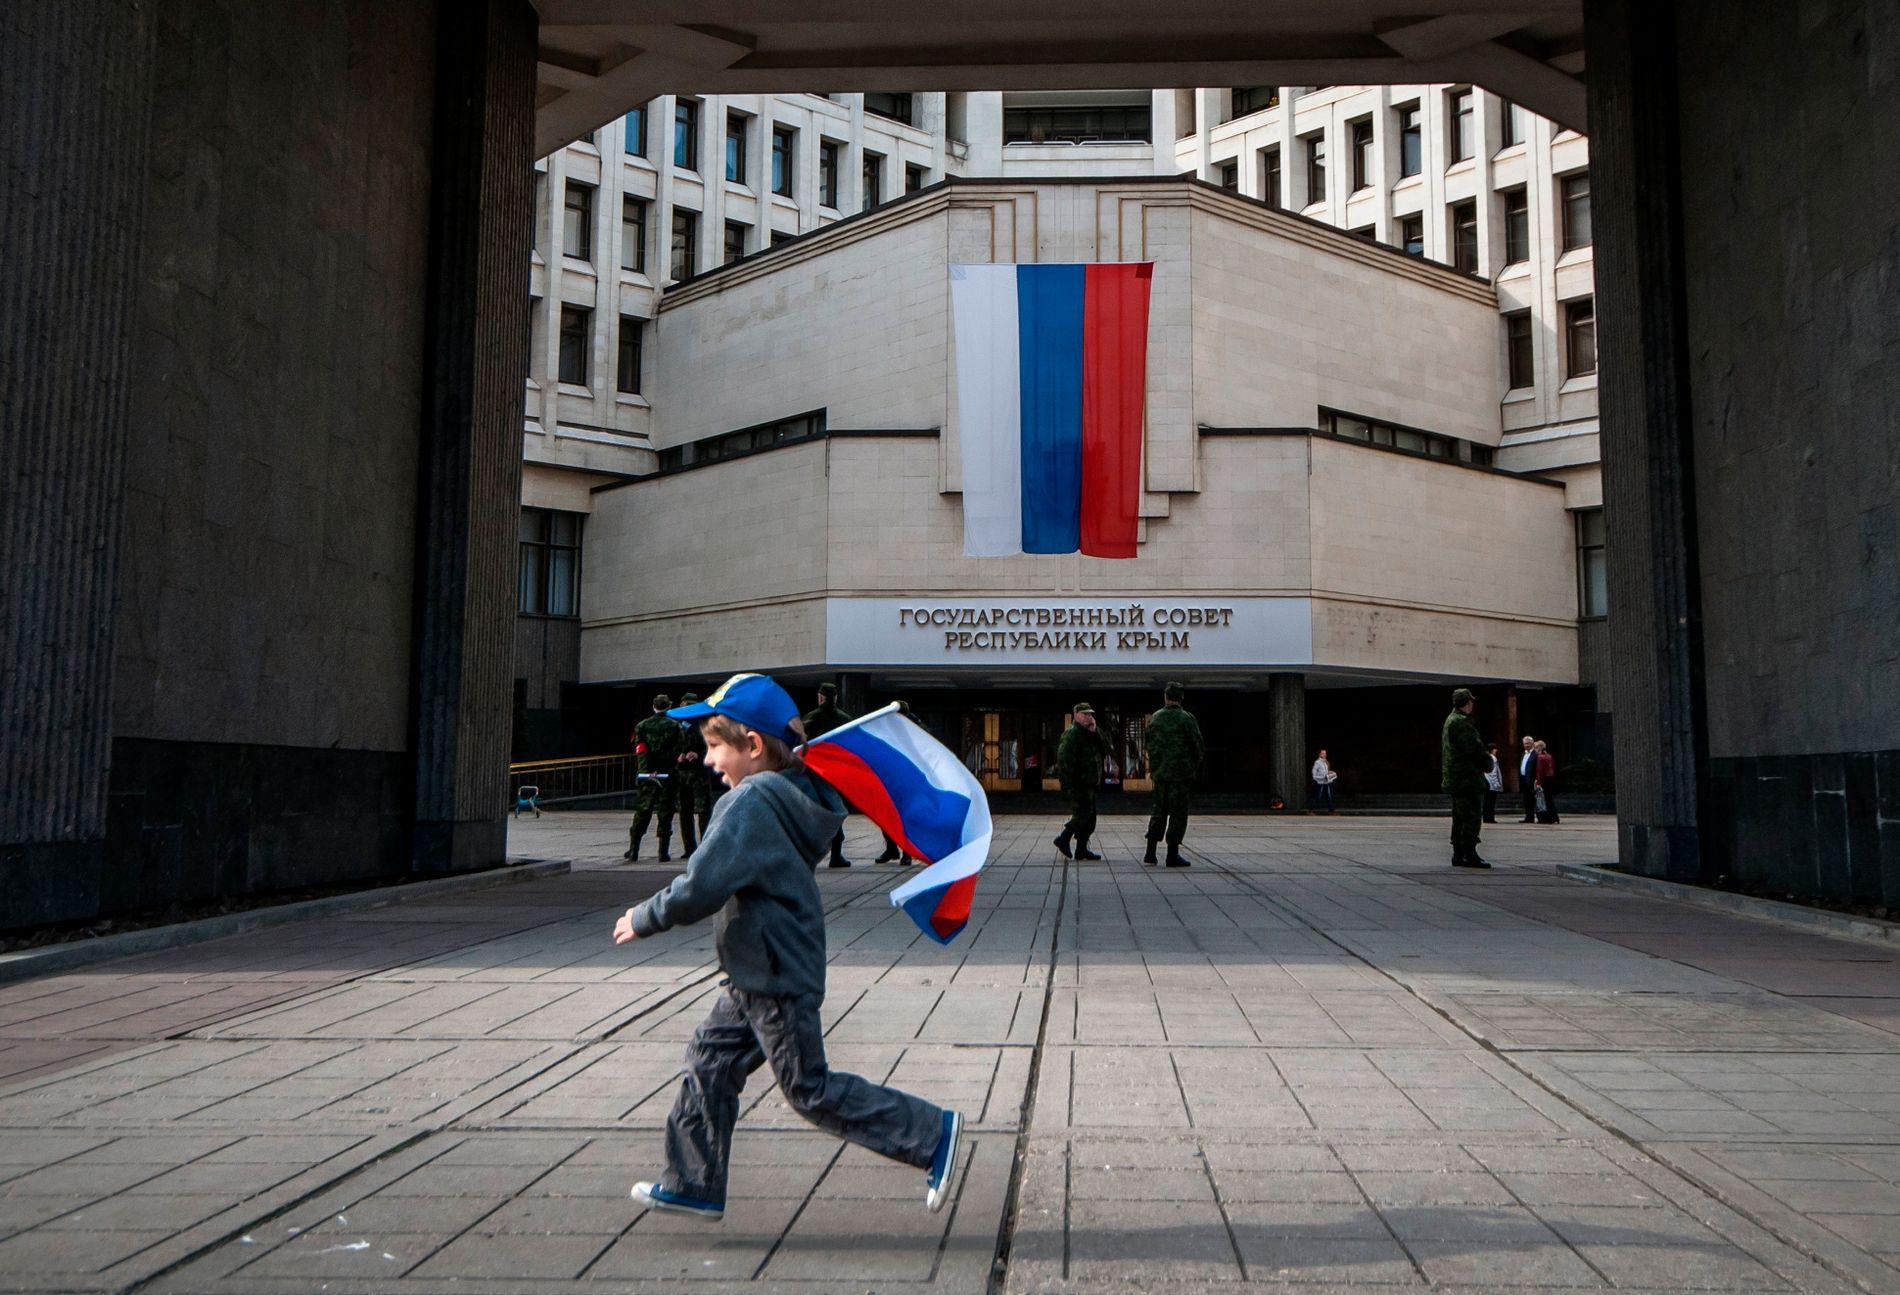 BELITET SEG IKKE: Russlands ulovlige annektering av Krim var et eksempel på at Kreml ikke ville belite seg, skriver innsenderen.